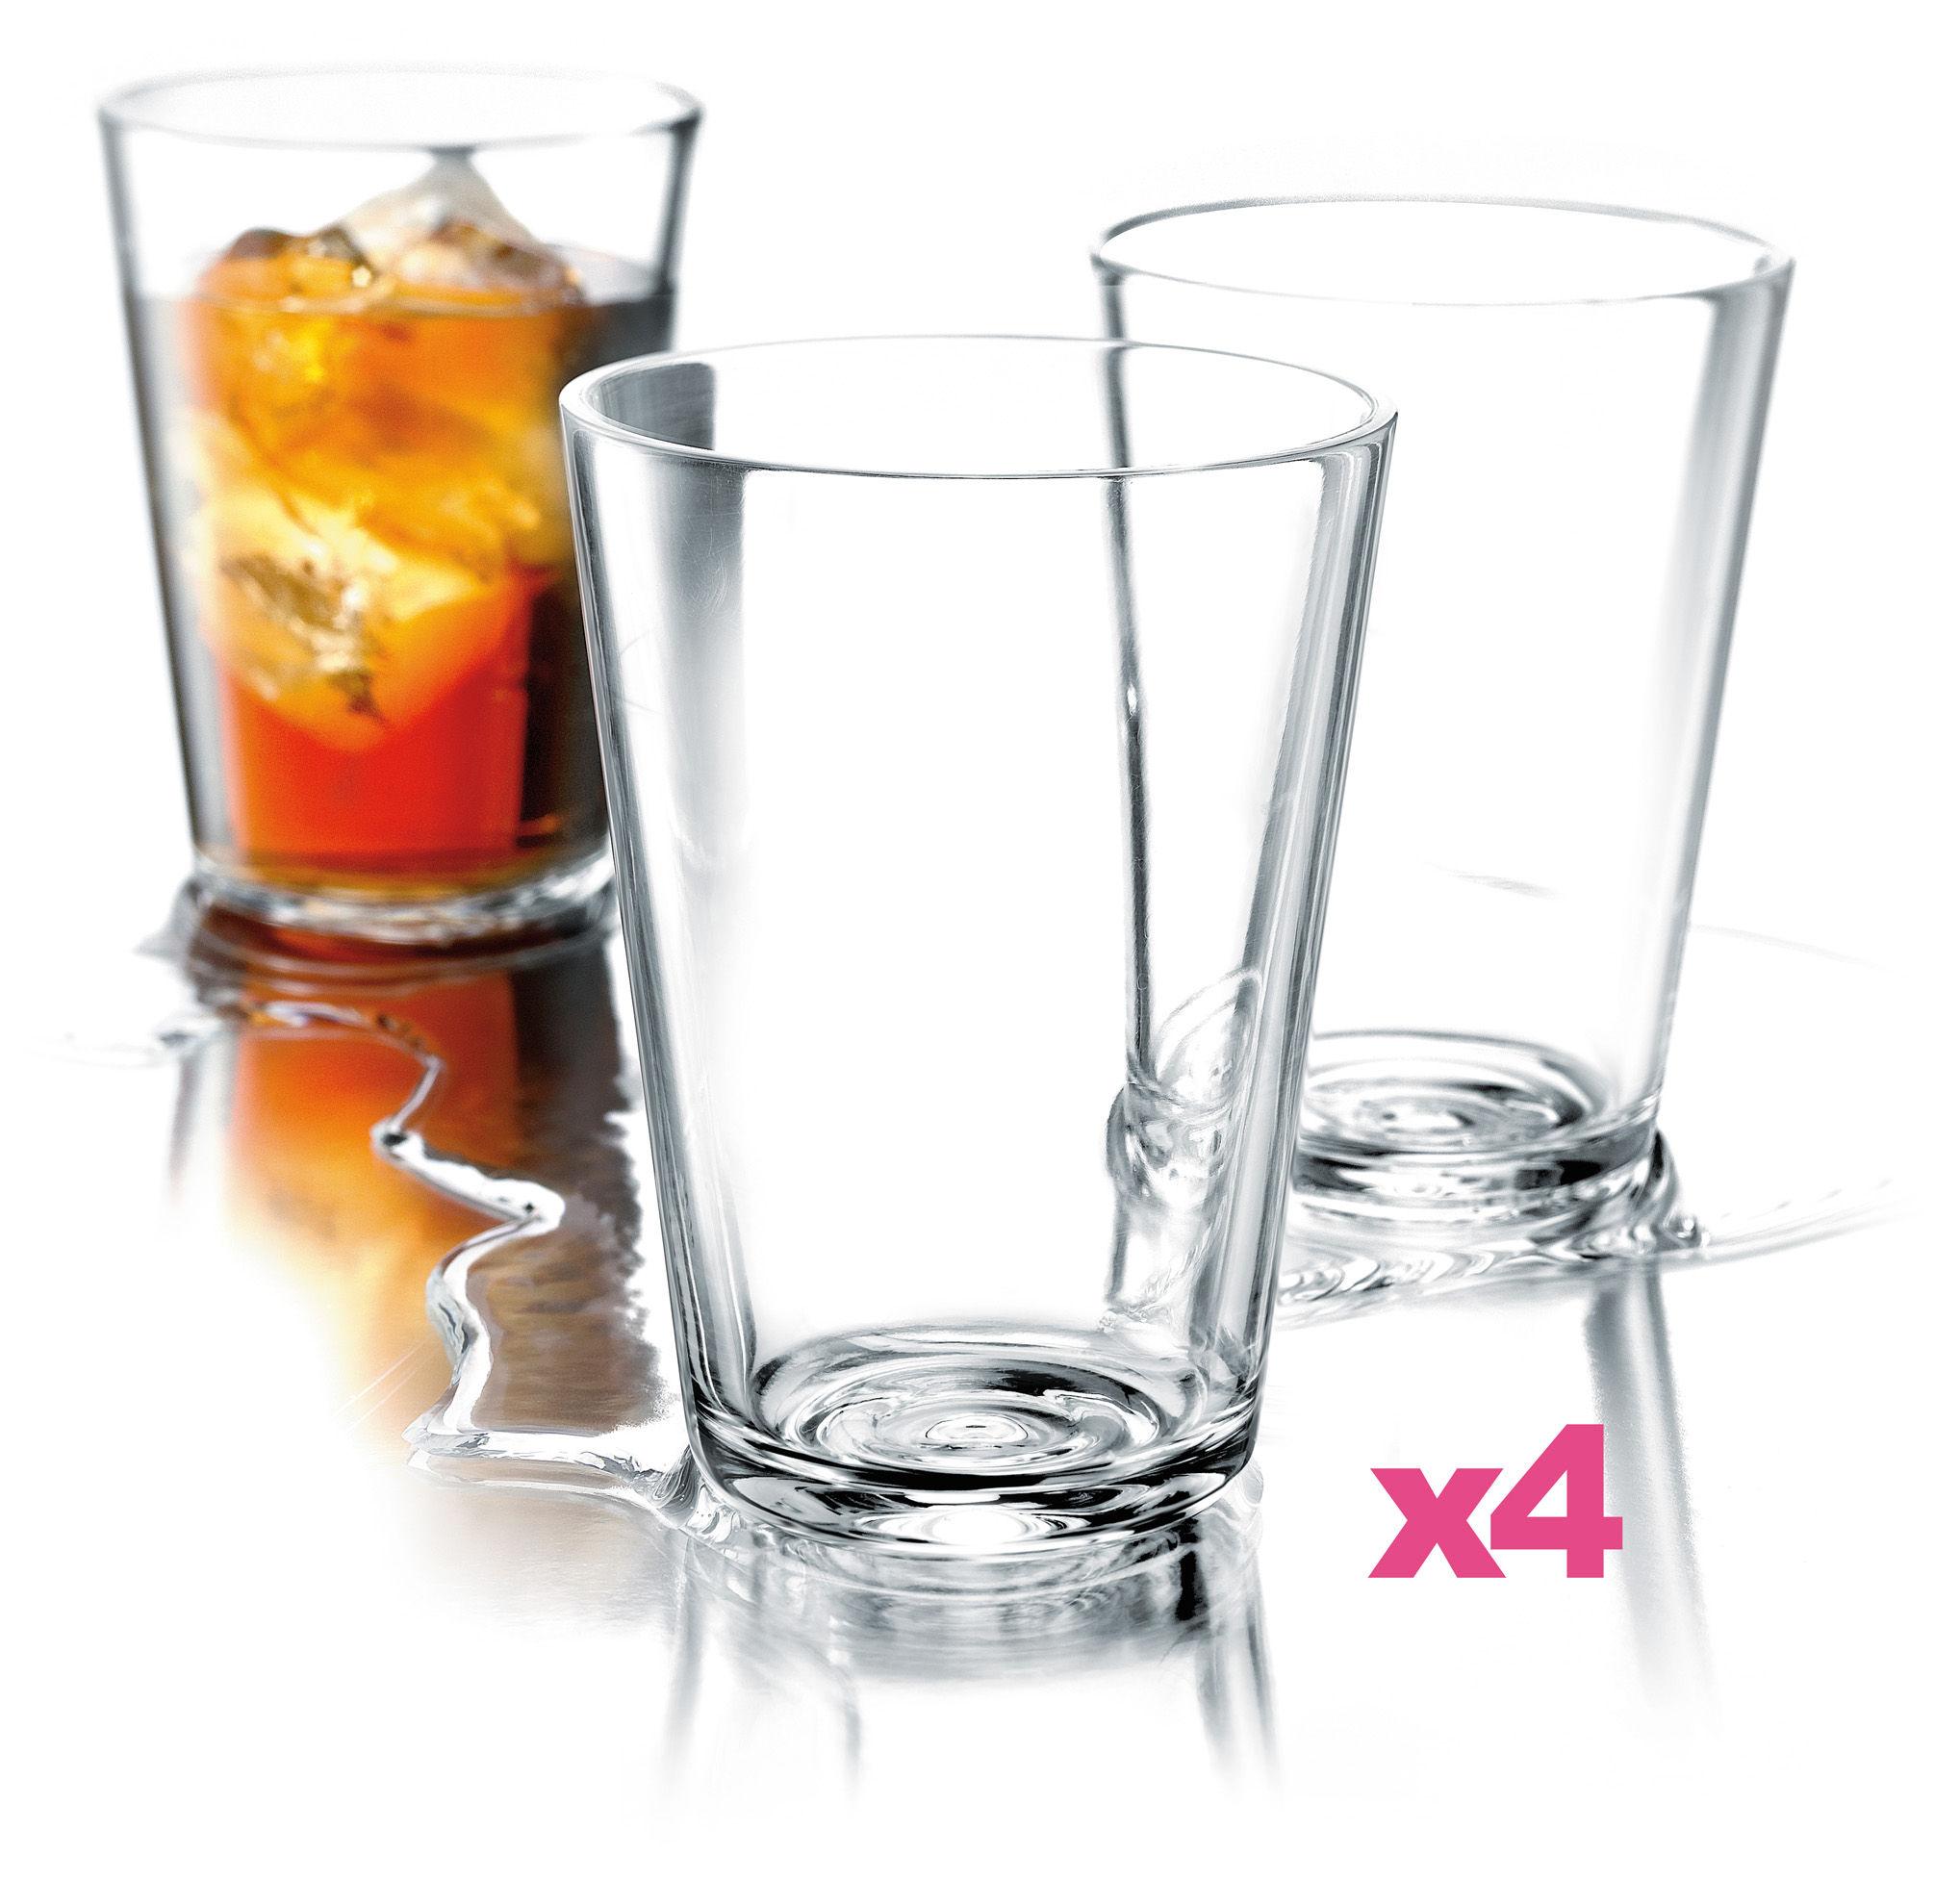 Tischkultur - Gläser - Glas 4-er Set - 38 cl - Eva Solo - Transparent - Glas